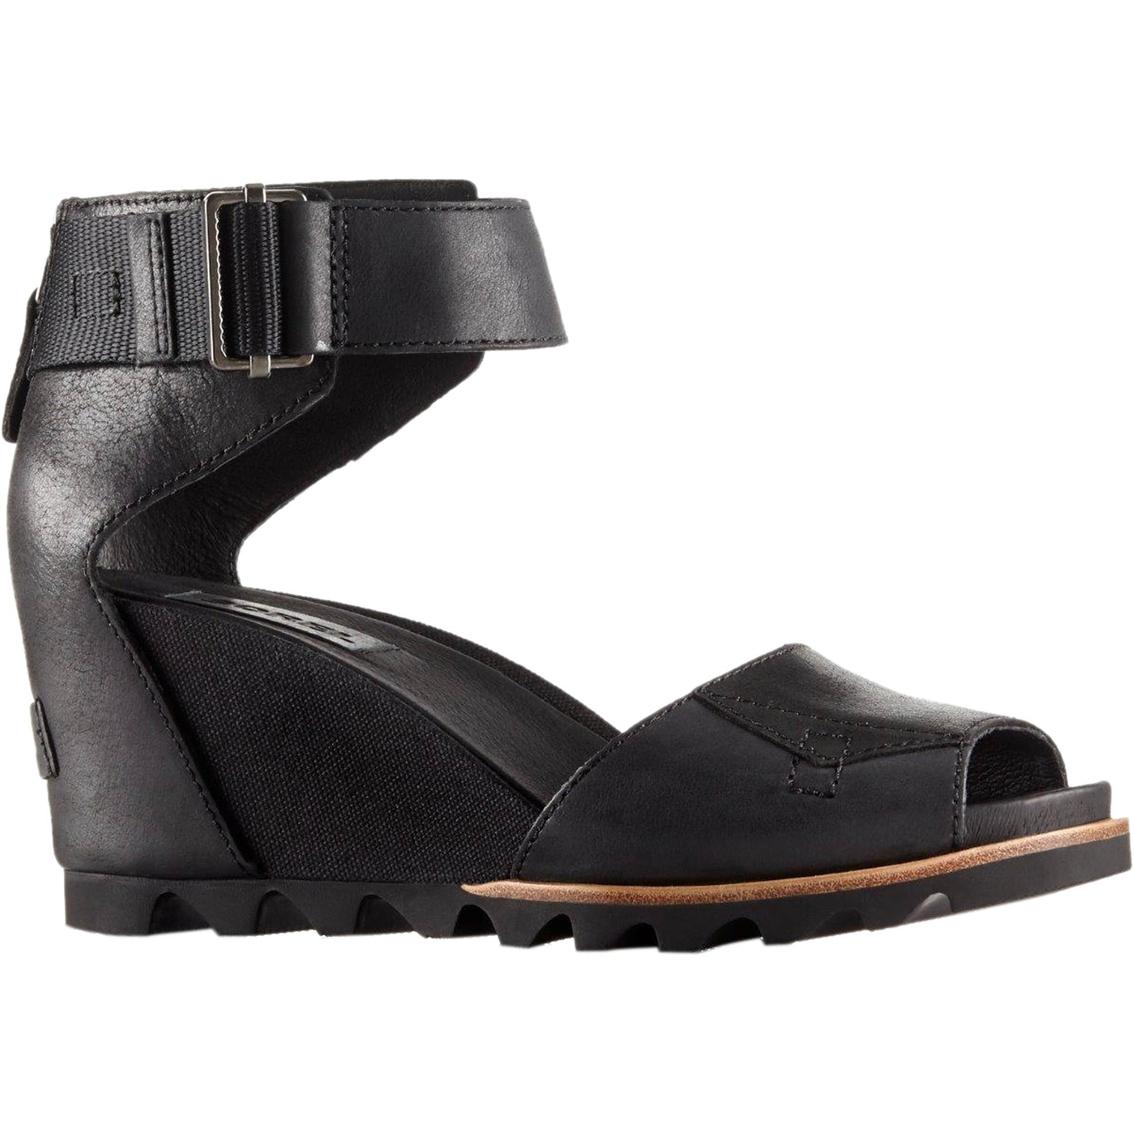 231f4b9d650 Sorel Joanie Wedge Sandals